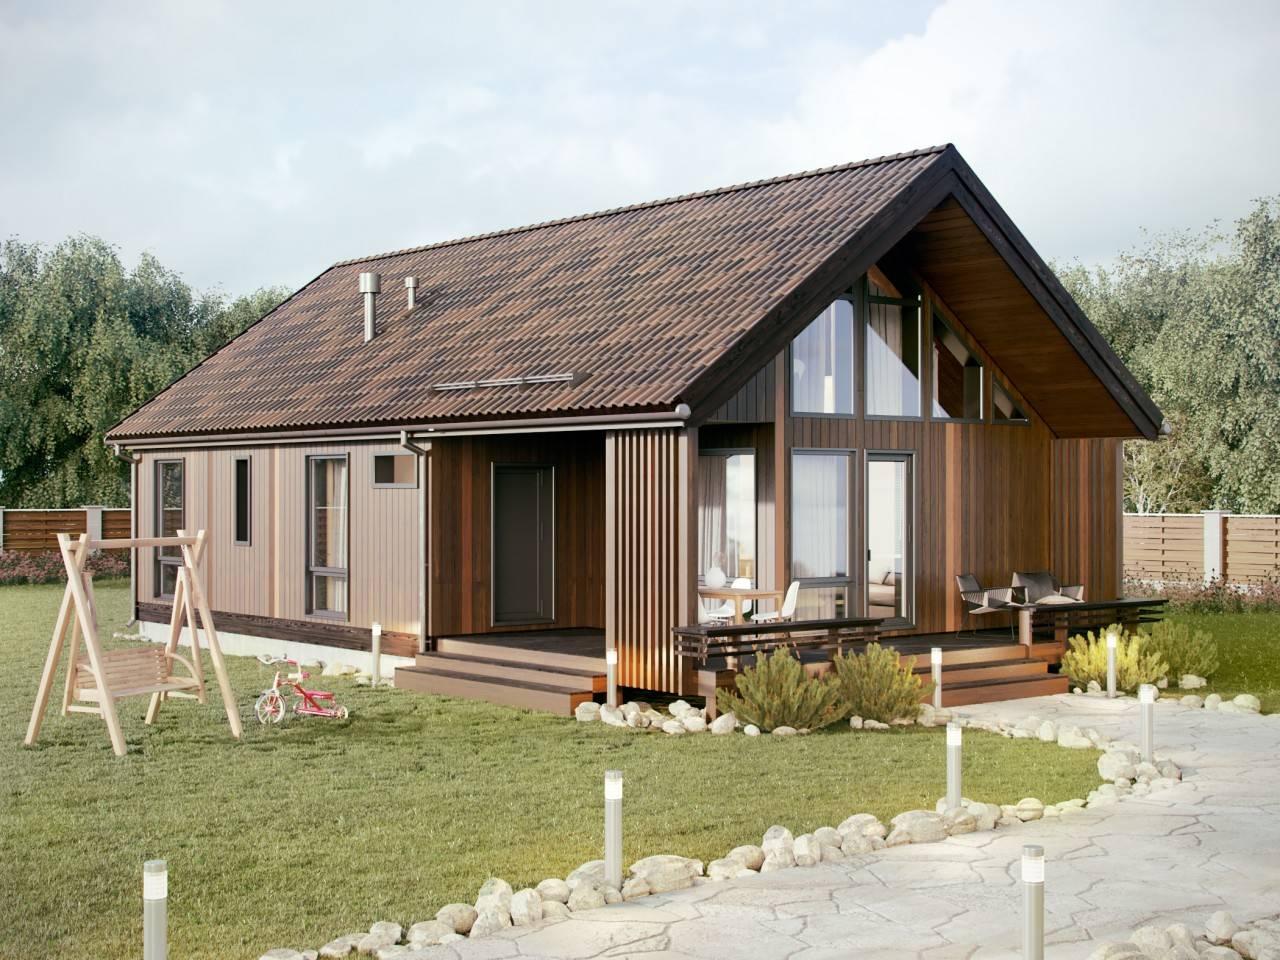 Типы каркасных домов: выбираем наиболее подходящий